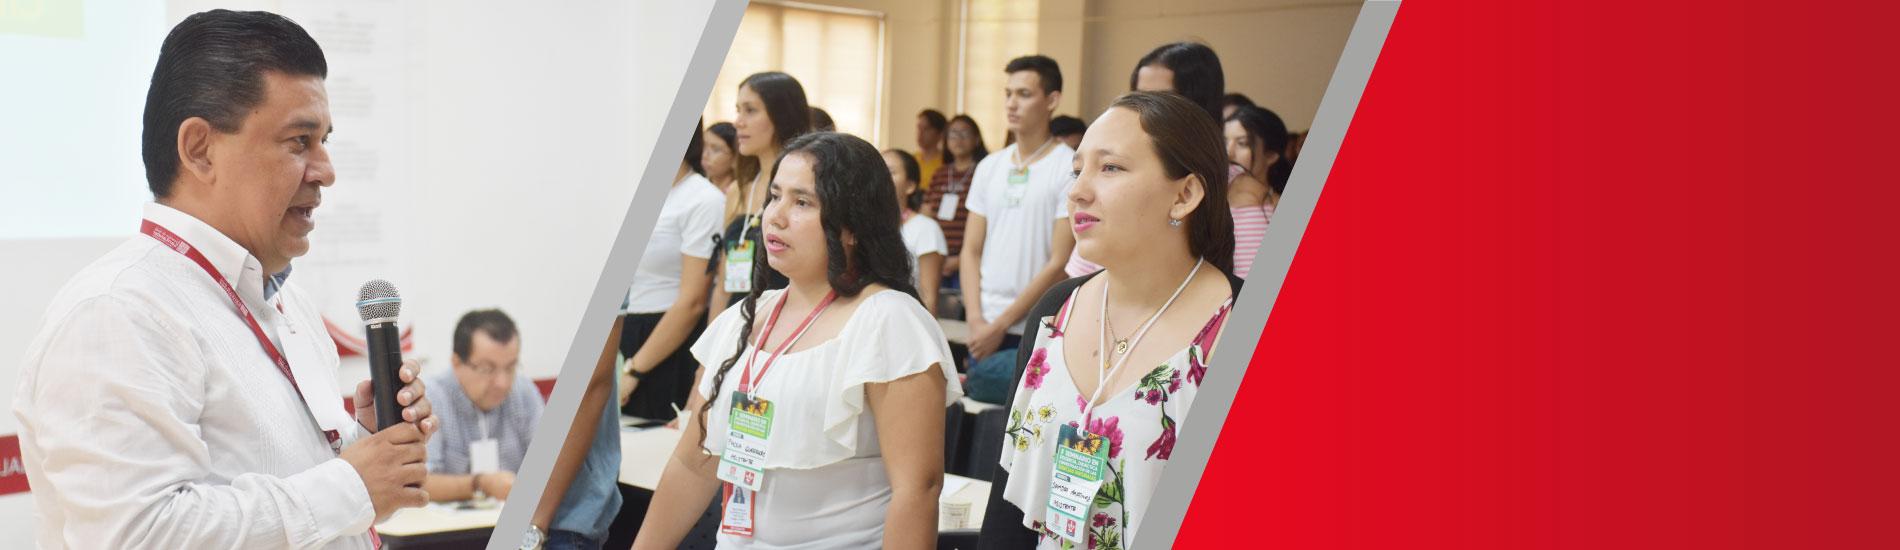 Docencia, didáctica e investigación fueron los temas abordados en el II Seminario de Ciencias Naturales y Educación Ambiental